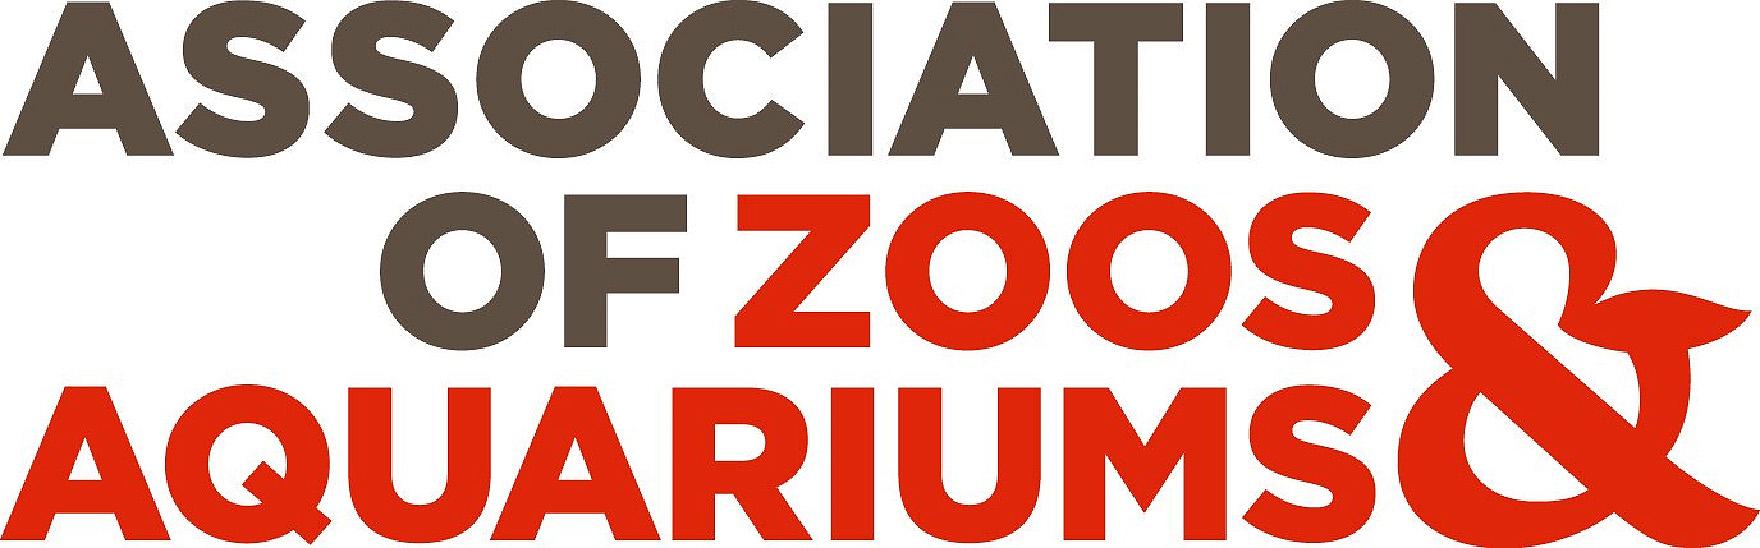 aza accreditation - virginia zoo in norfolk